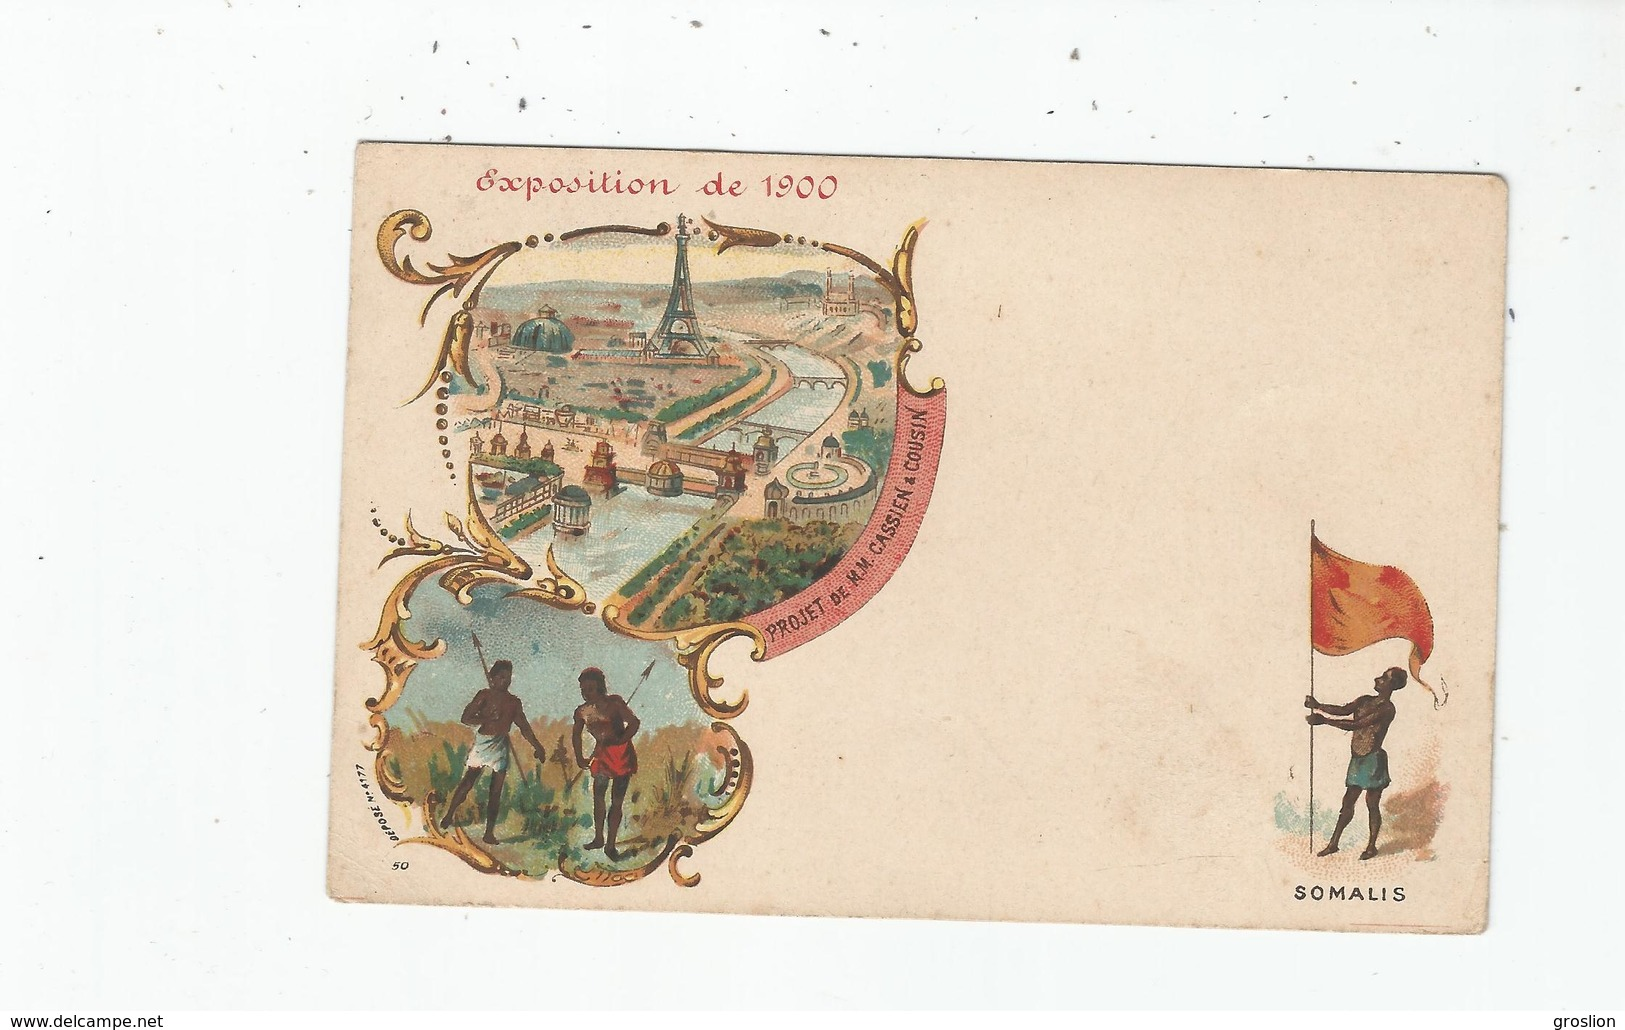 SOMALIS 50 EXPOSITION DE PARIS 1900 (ILLUSTRATIONS) - Somalie